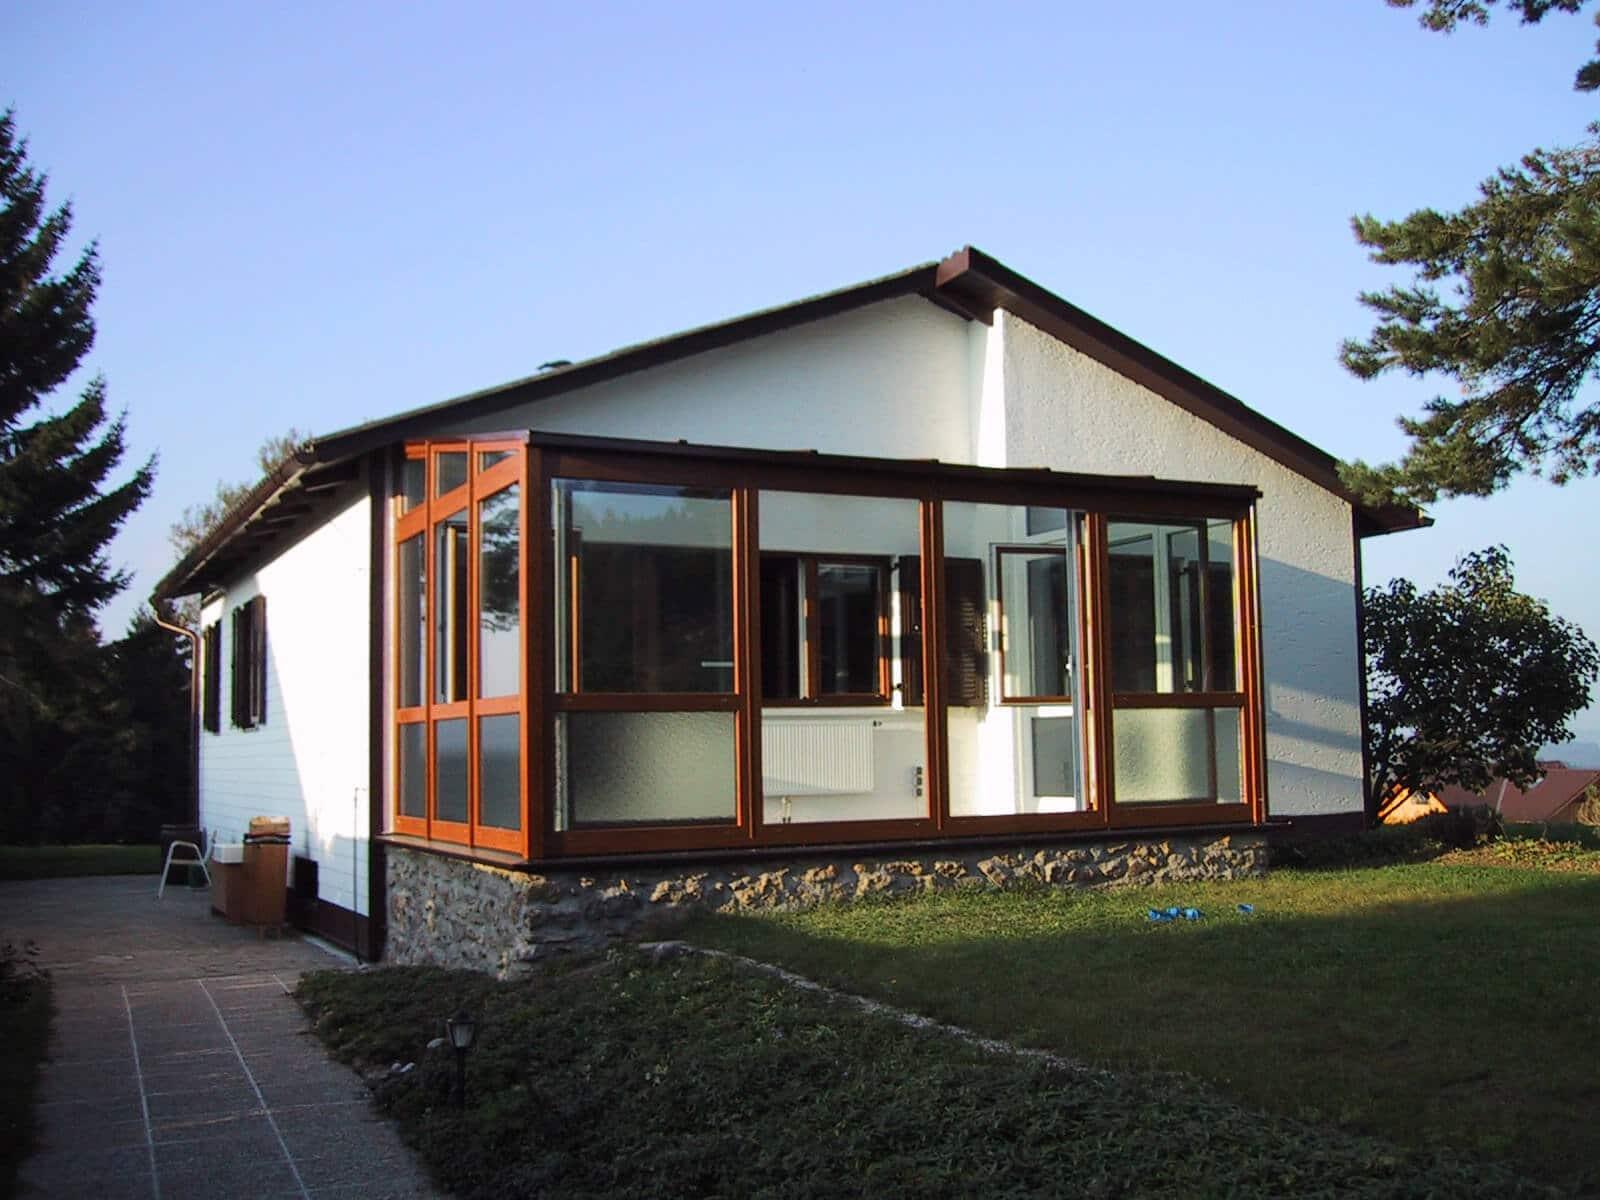 Wintergarten erneuern auf Terrasse - neu errichtet zusätzlich Wohnraum